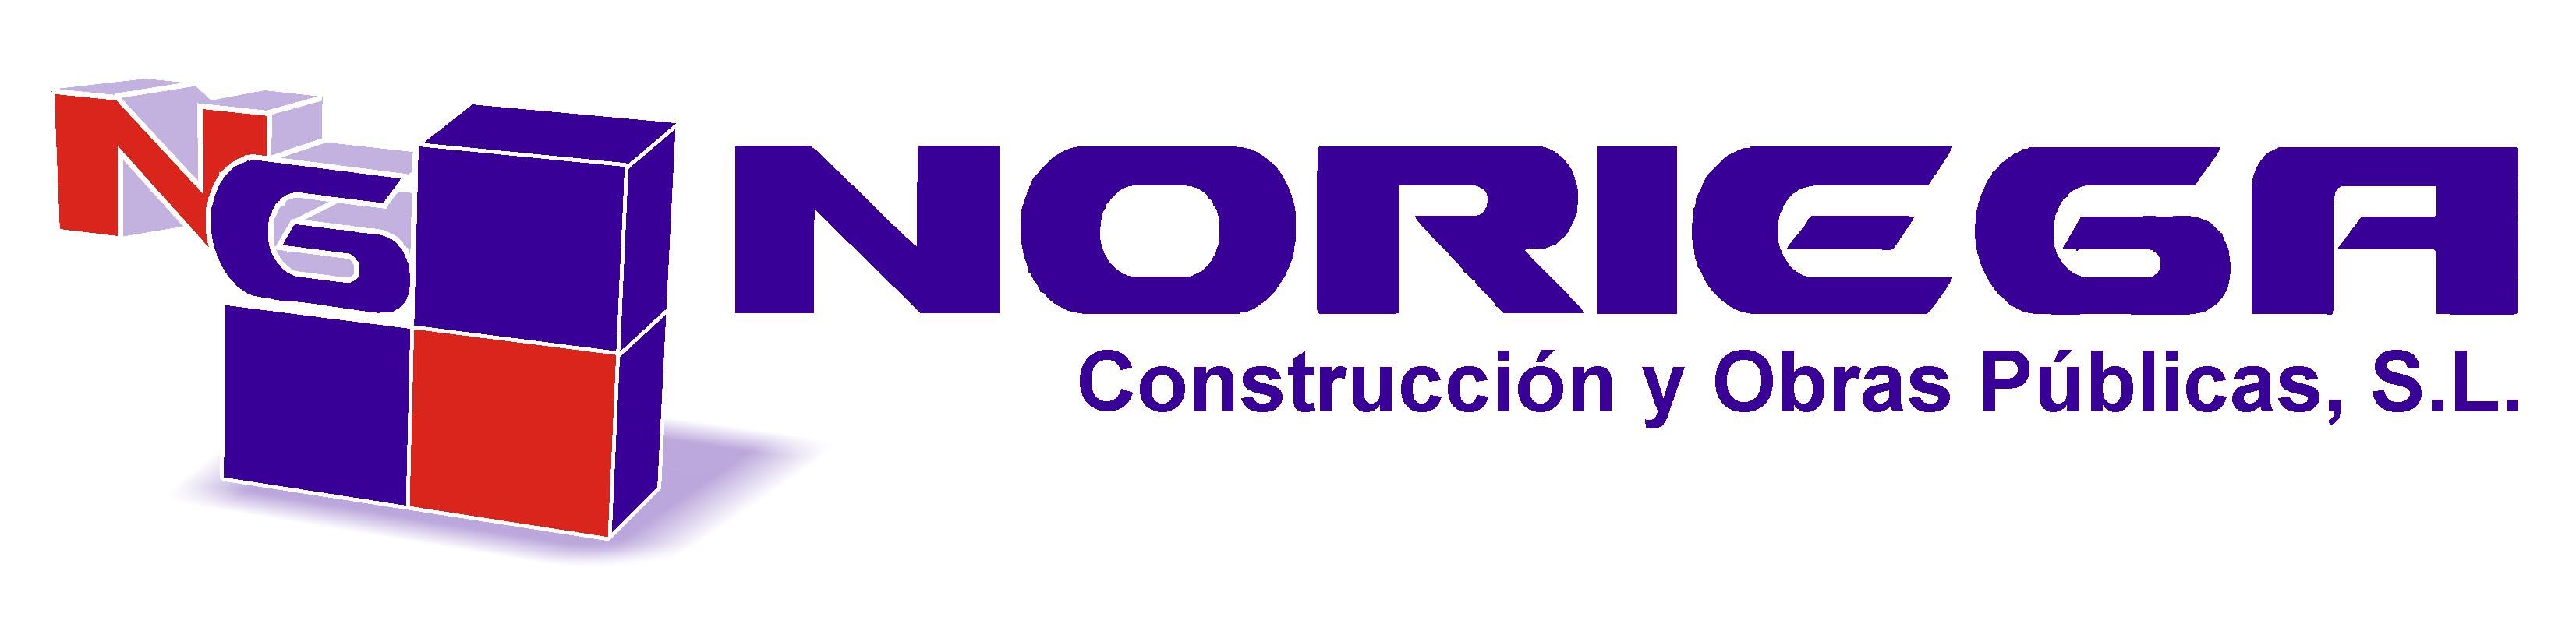 Noriega Construcción